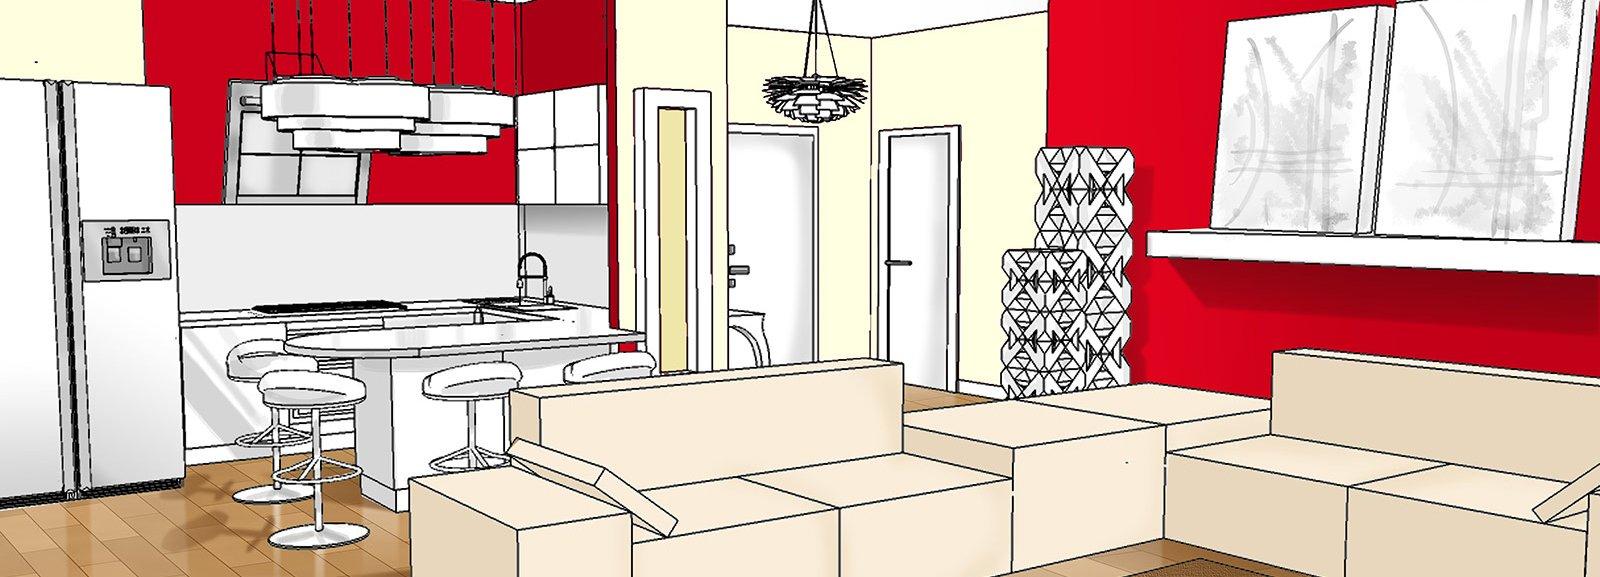 Ingresso aperto sul soggiorno idee da copiare cose di casa - Idee ingresso casa ...